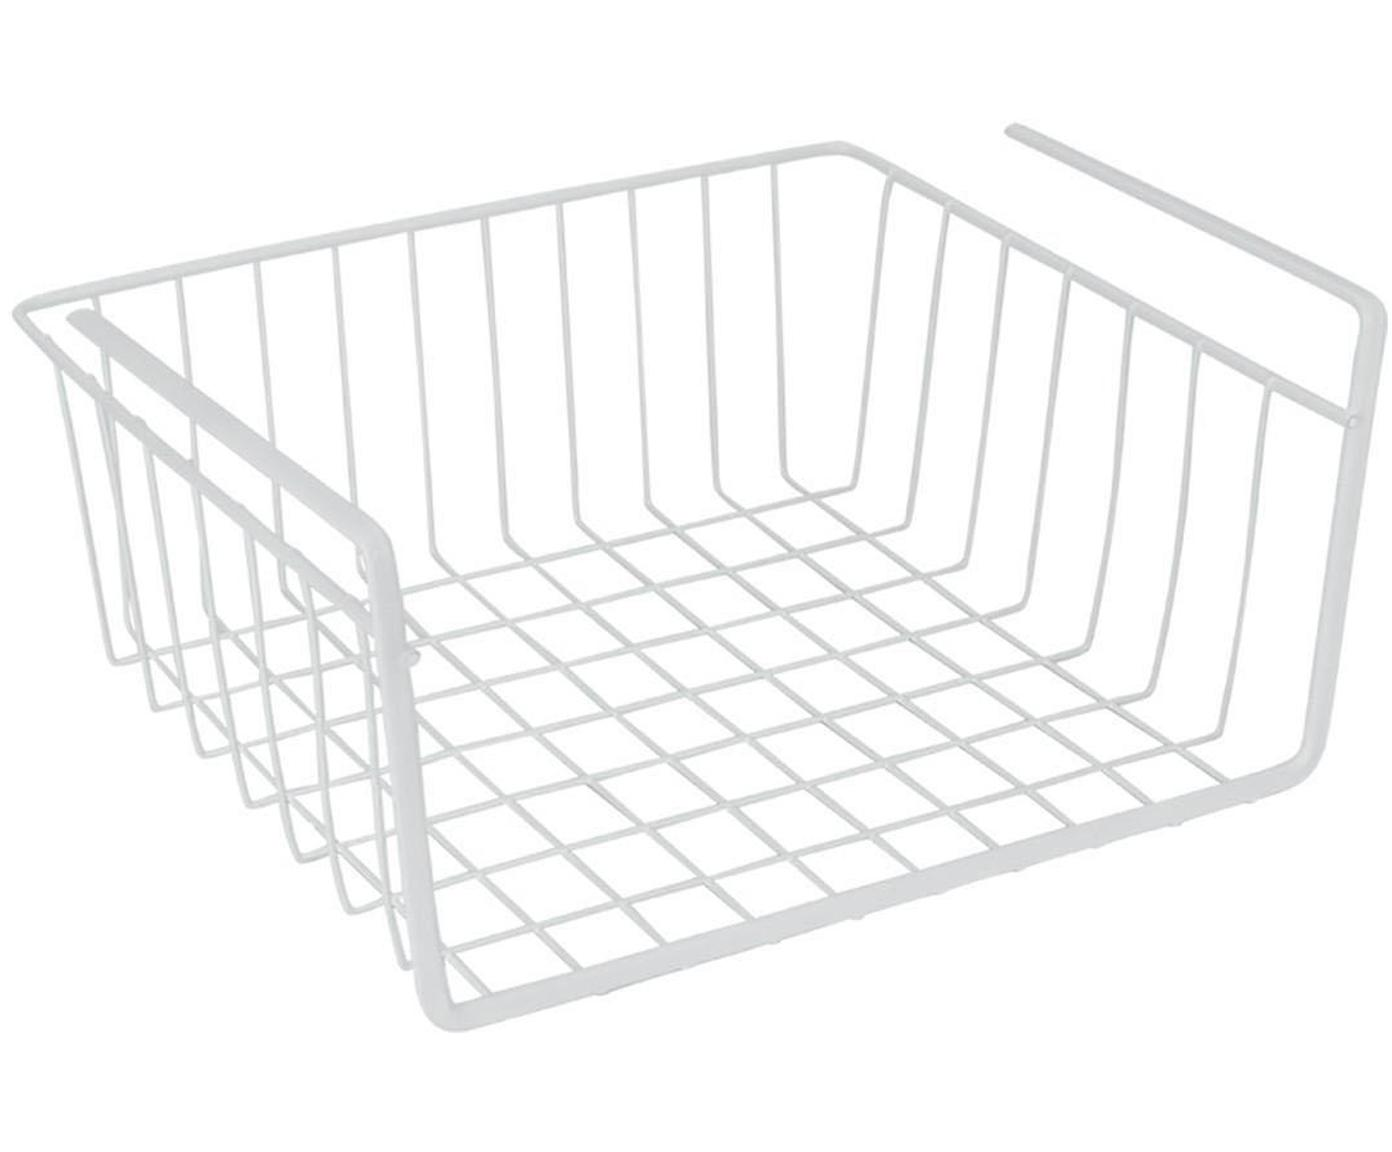 Estante Babatex, Metal recubierto, Blanco, An 30 x Al 14 cm